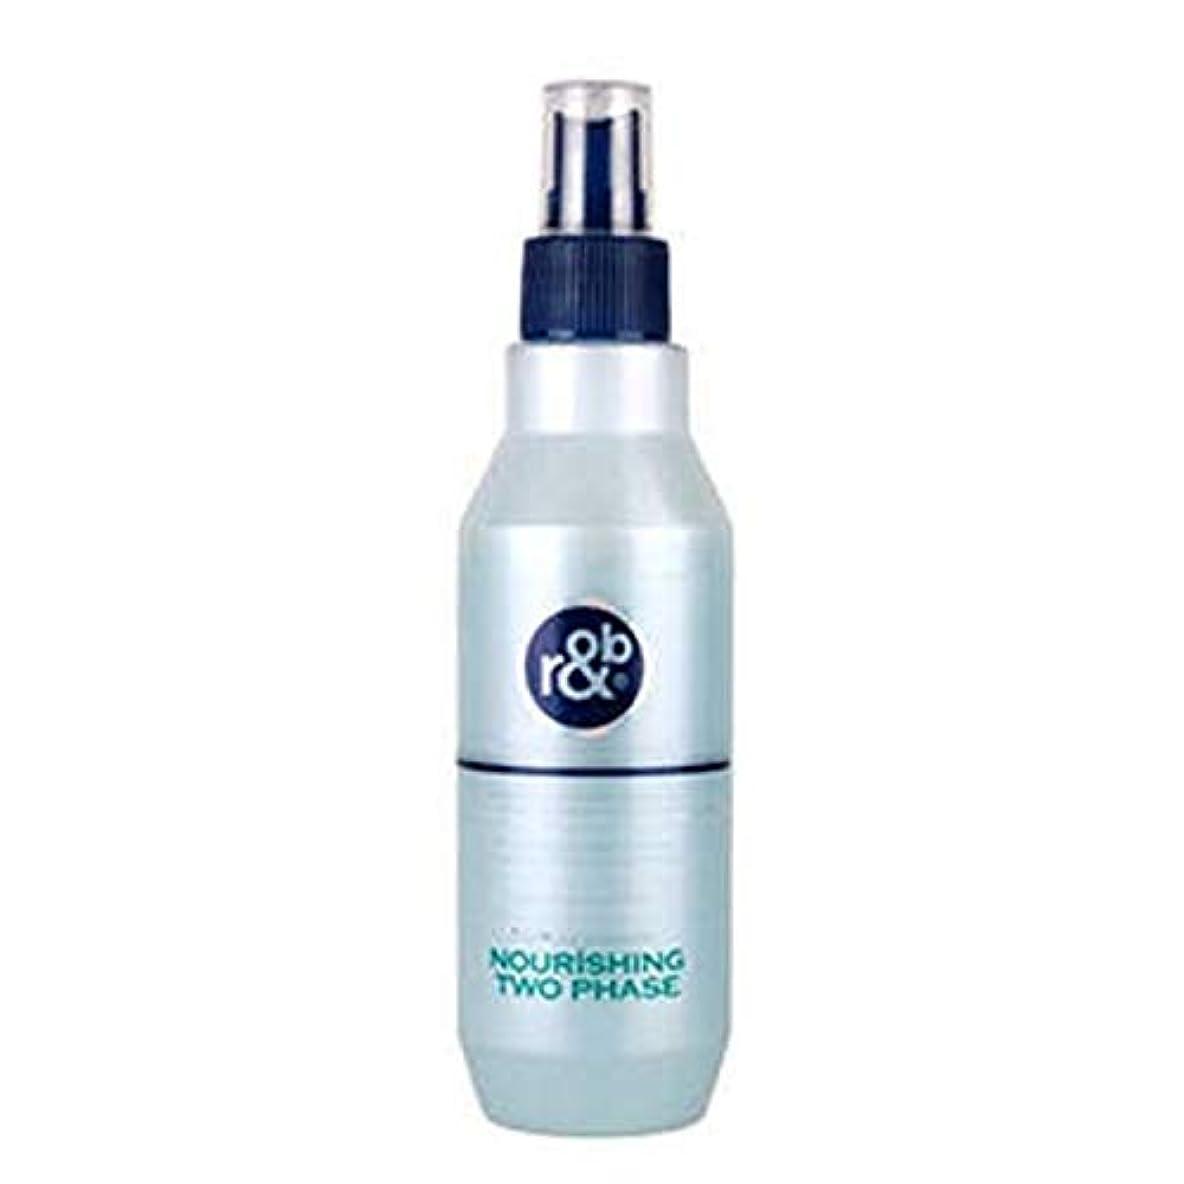 征服する温度計利益フィトン セラピー ナリッシング 2 段階 250ml - アウトバス ヘア コンディショナー ( Phyton Therapy Nourishing Two Phase 250ml - leave in Hair Conditioner...